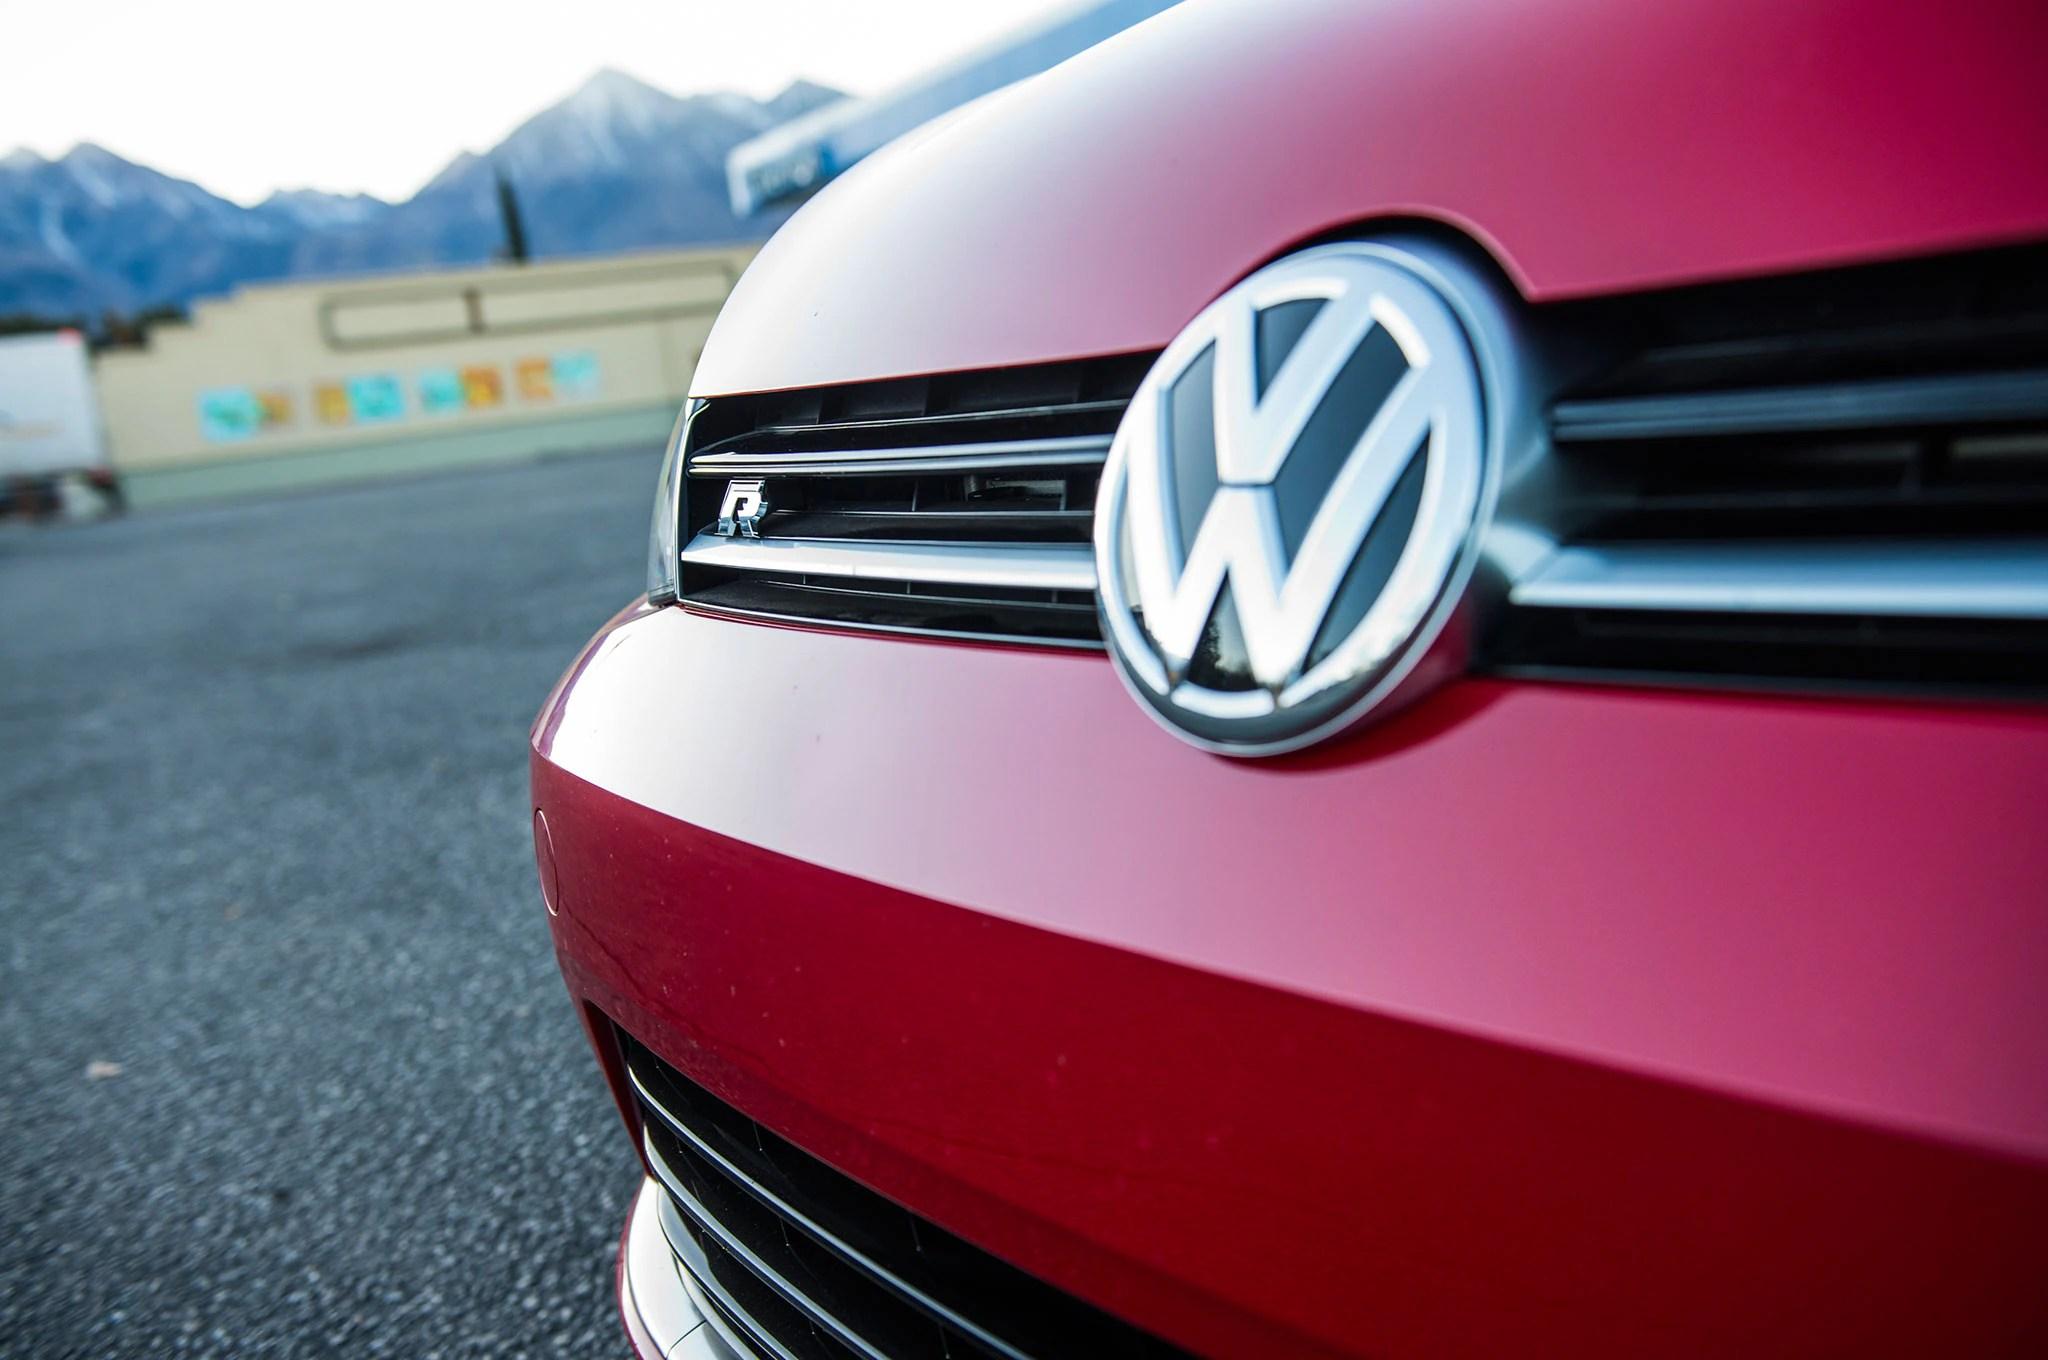 Volkswagen Golf R grille